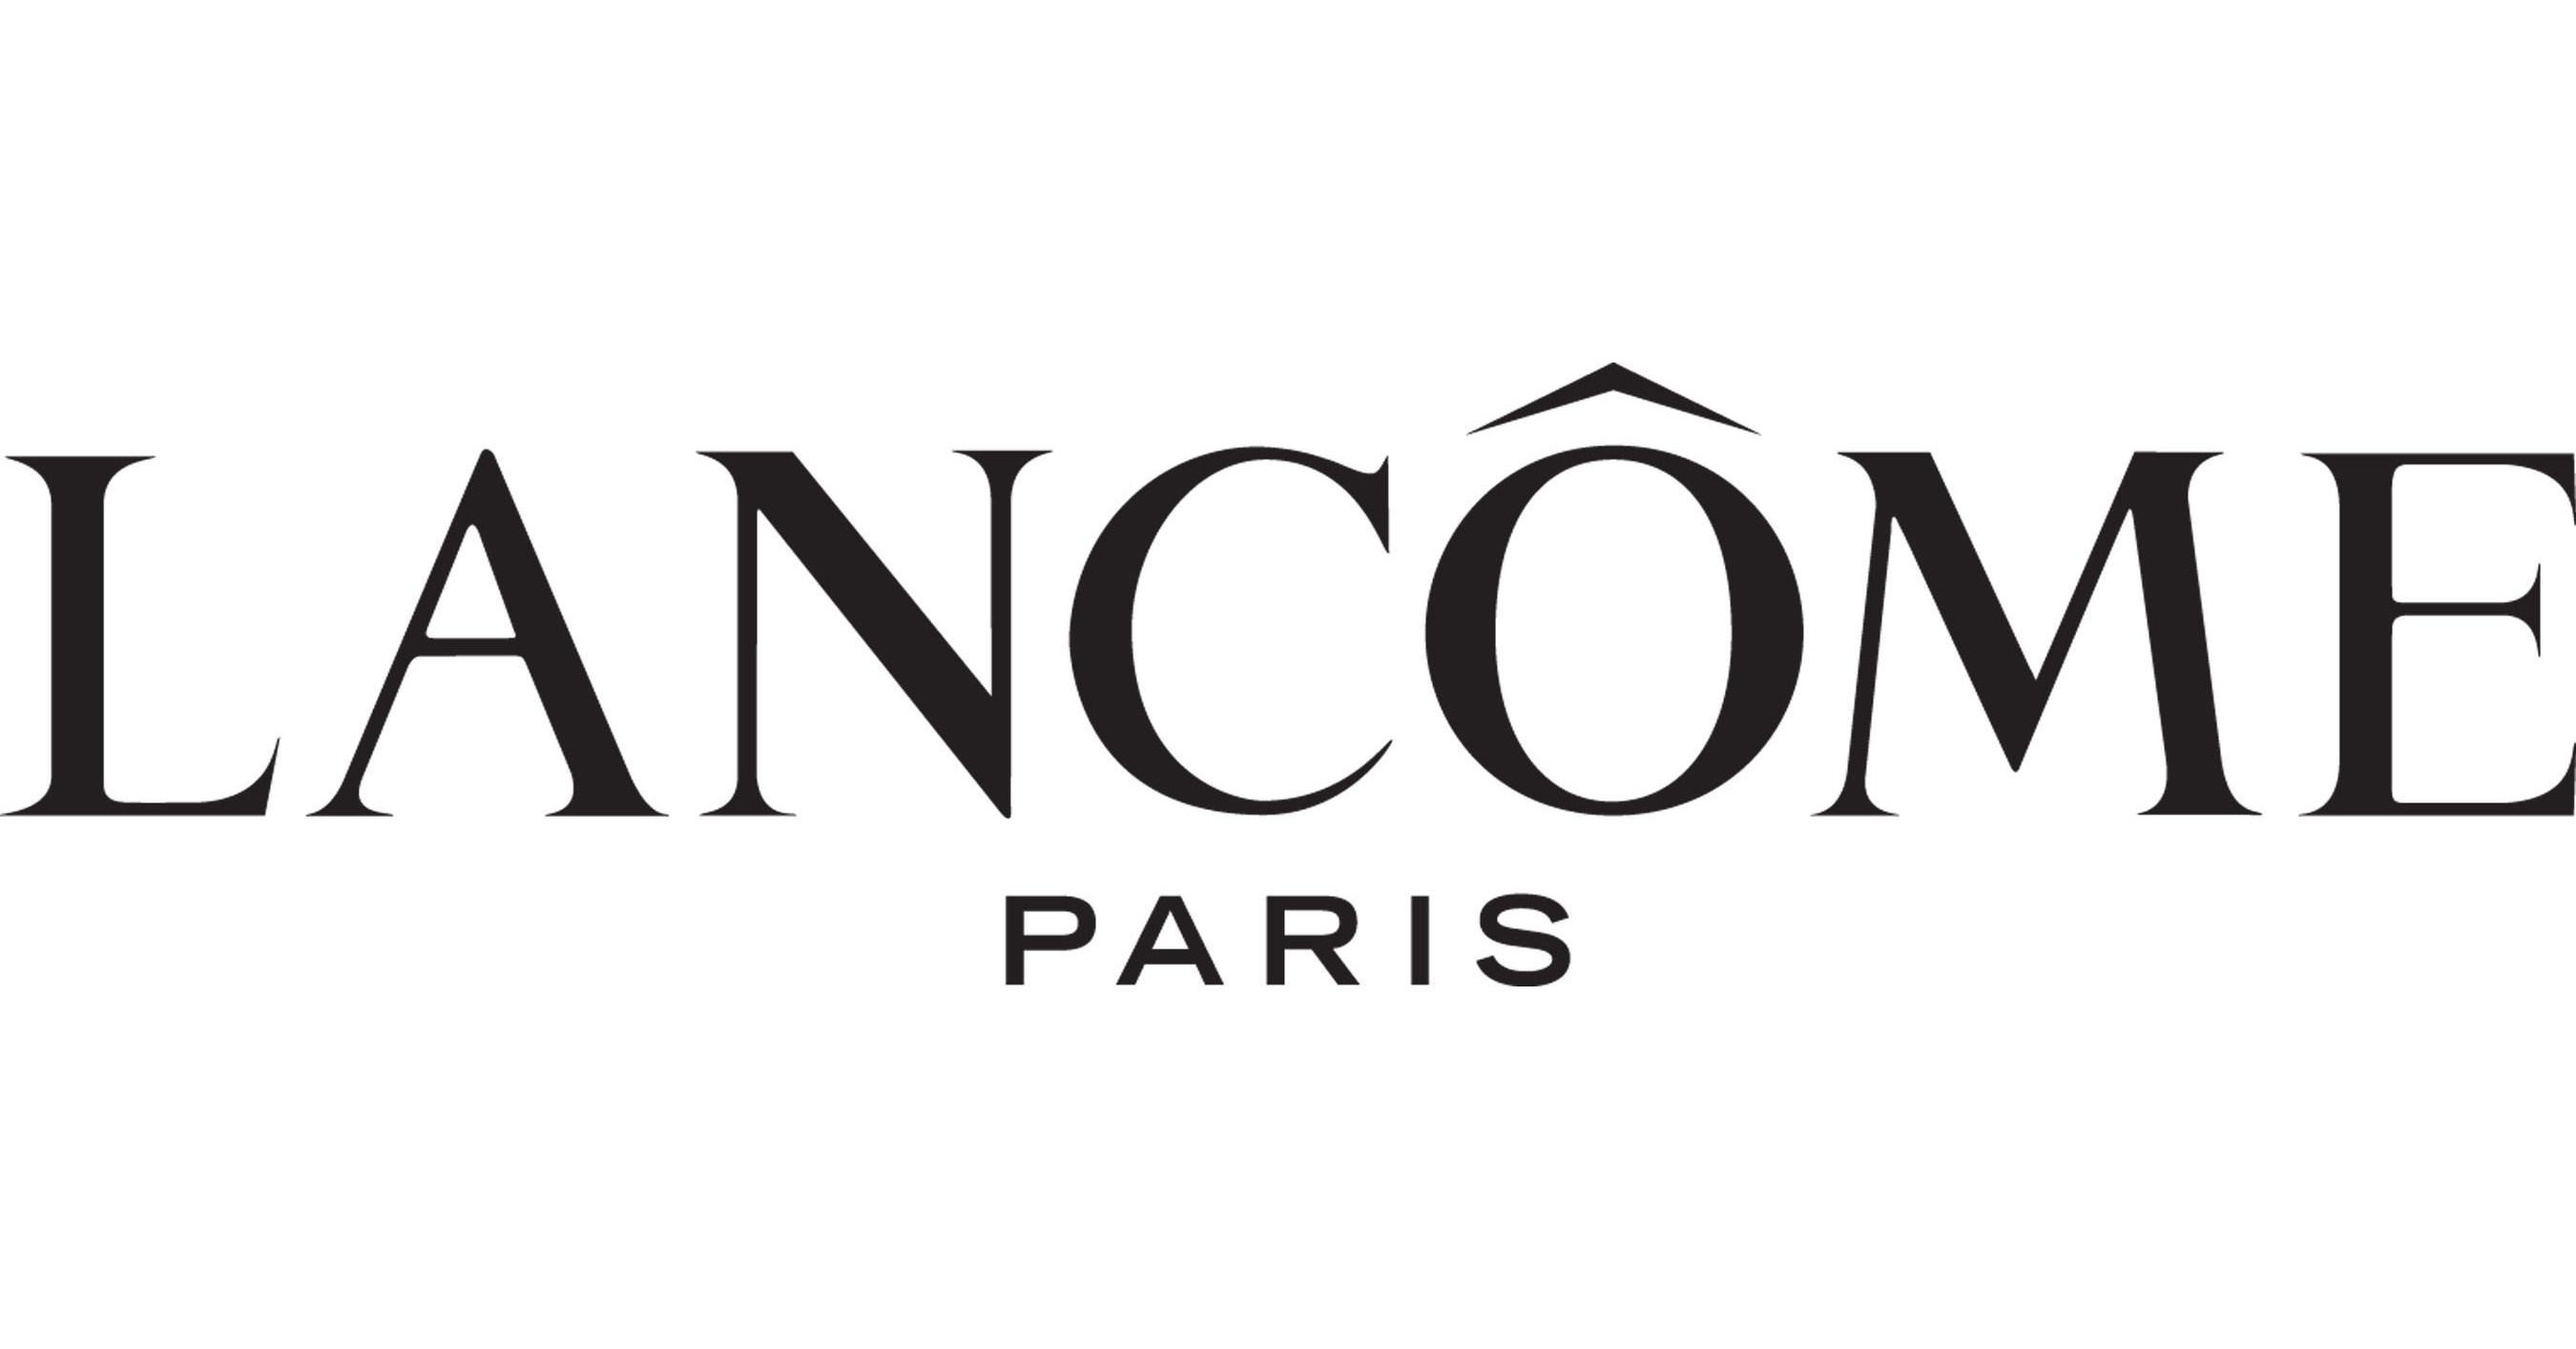 Lancome (PRNewsFoto/Lancome)